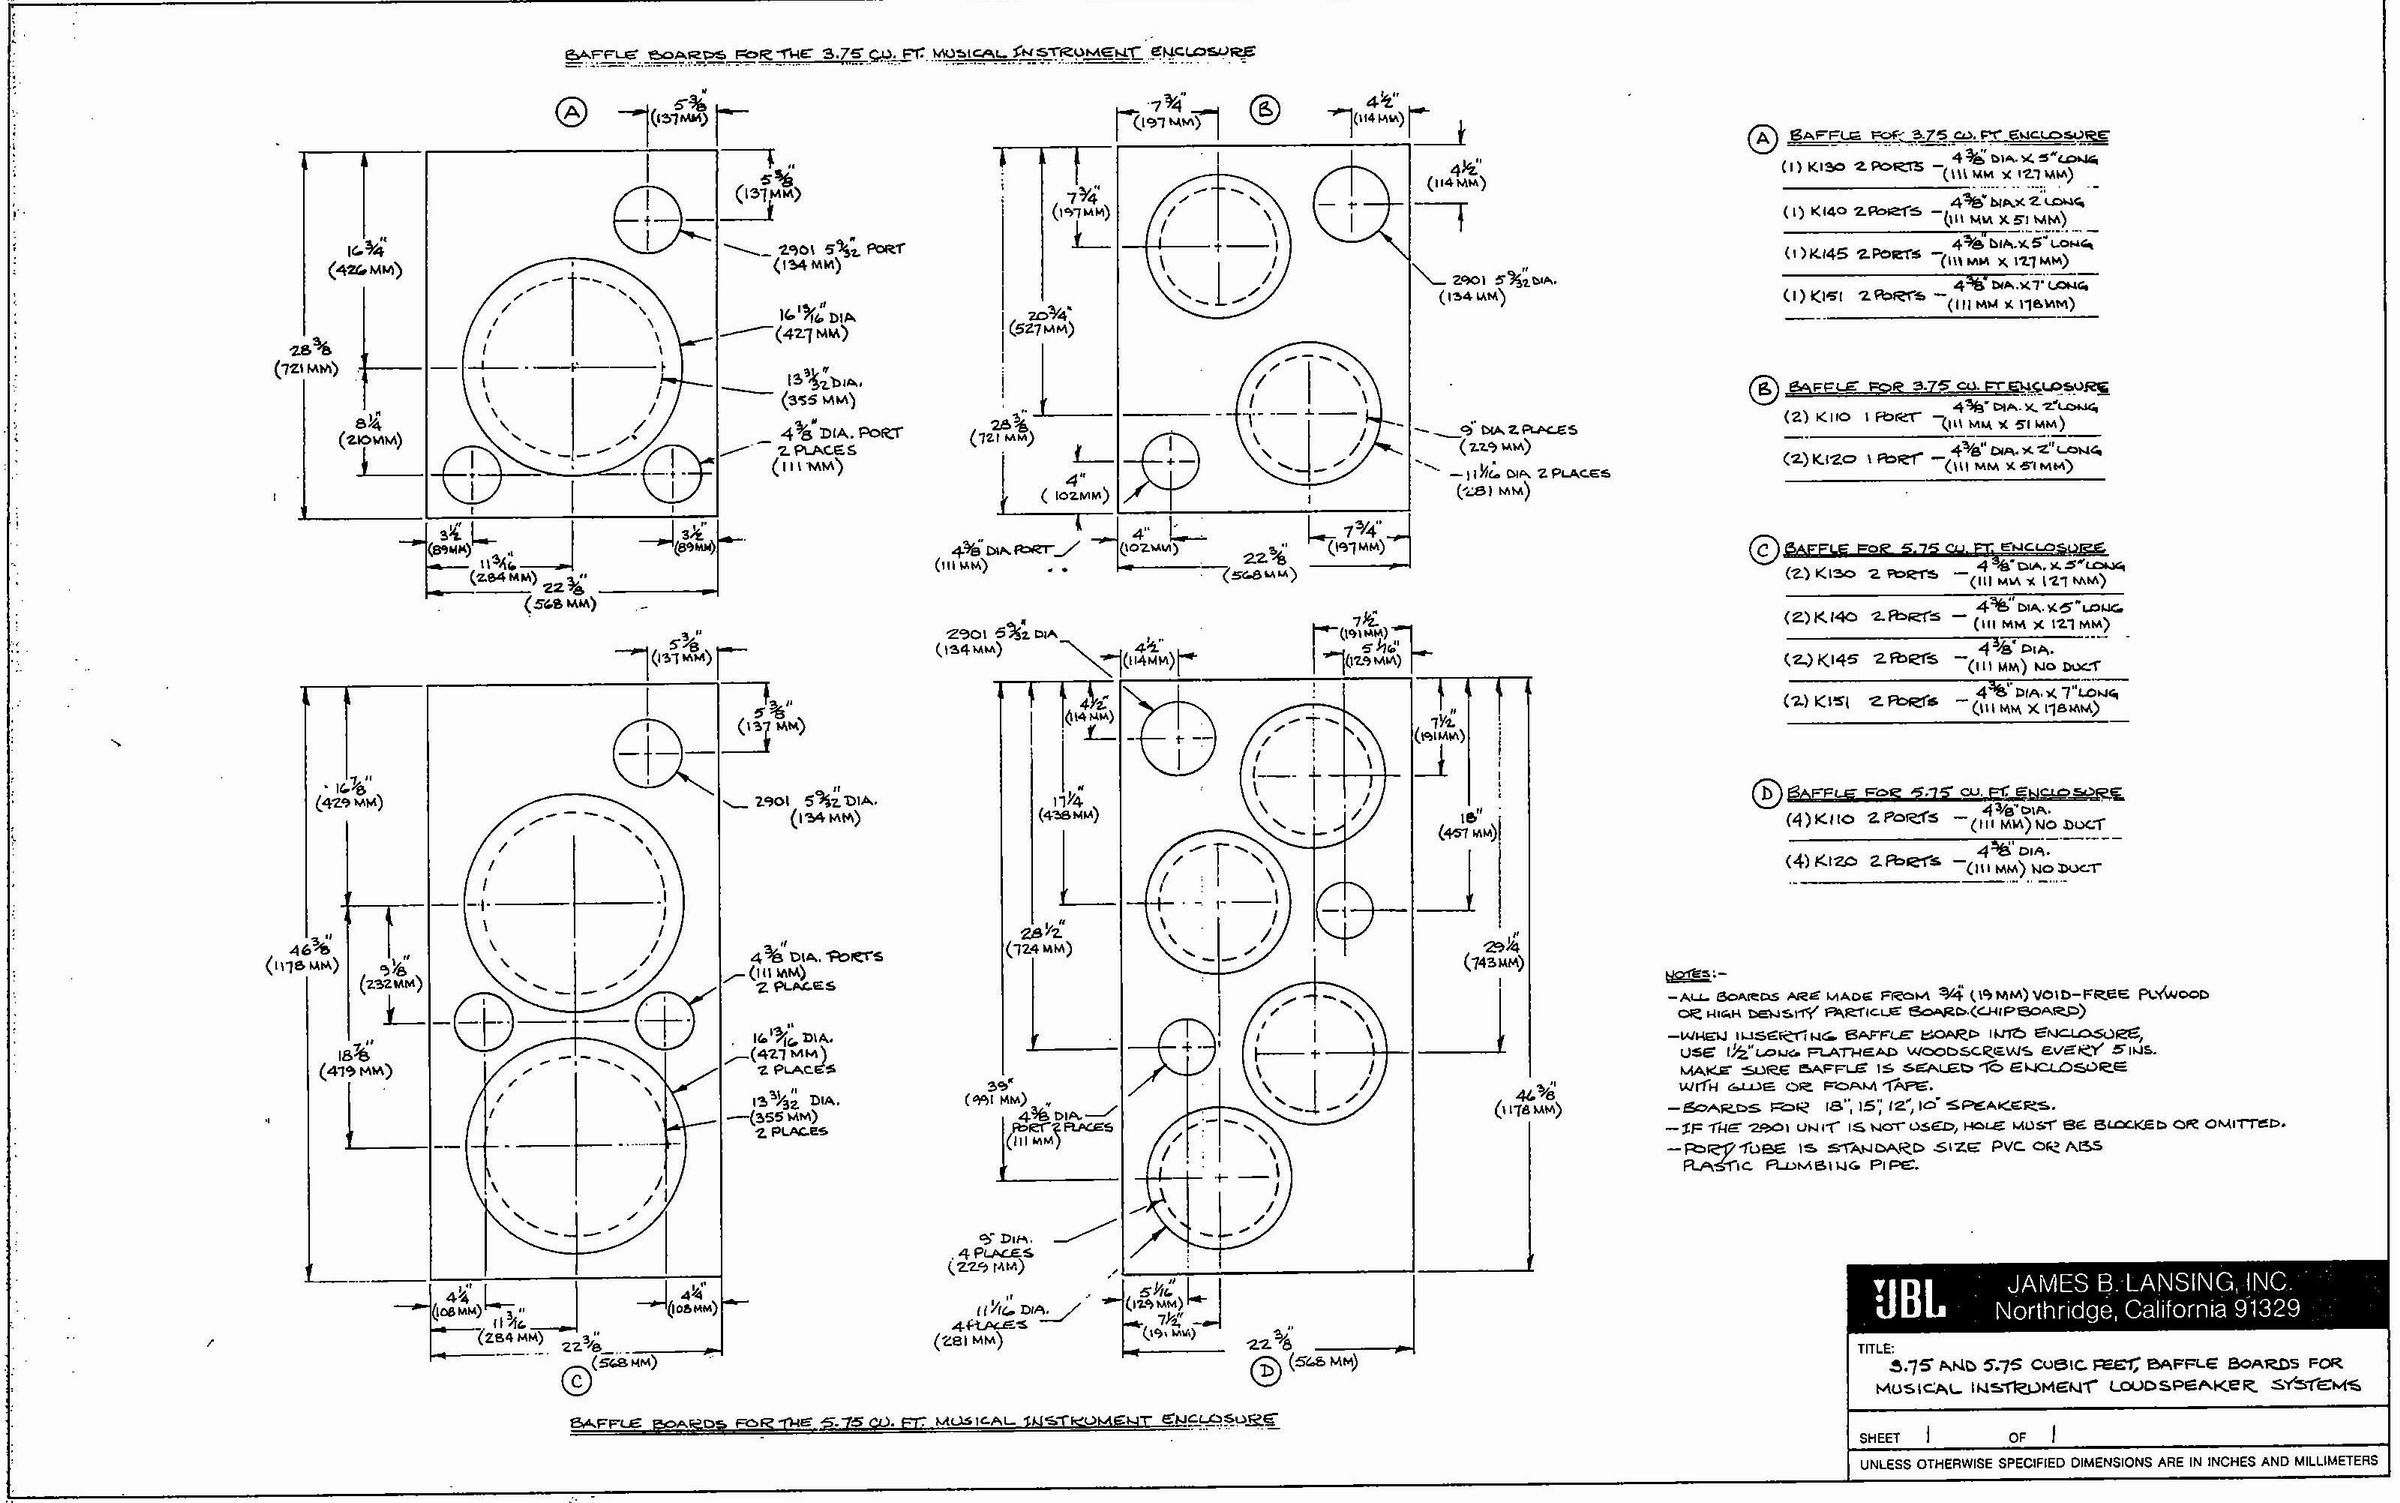 wood design manual 2015 pdf